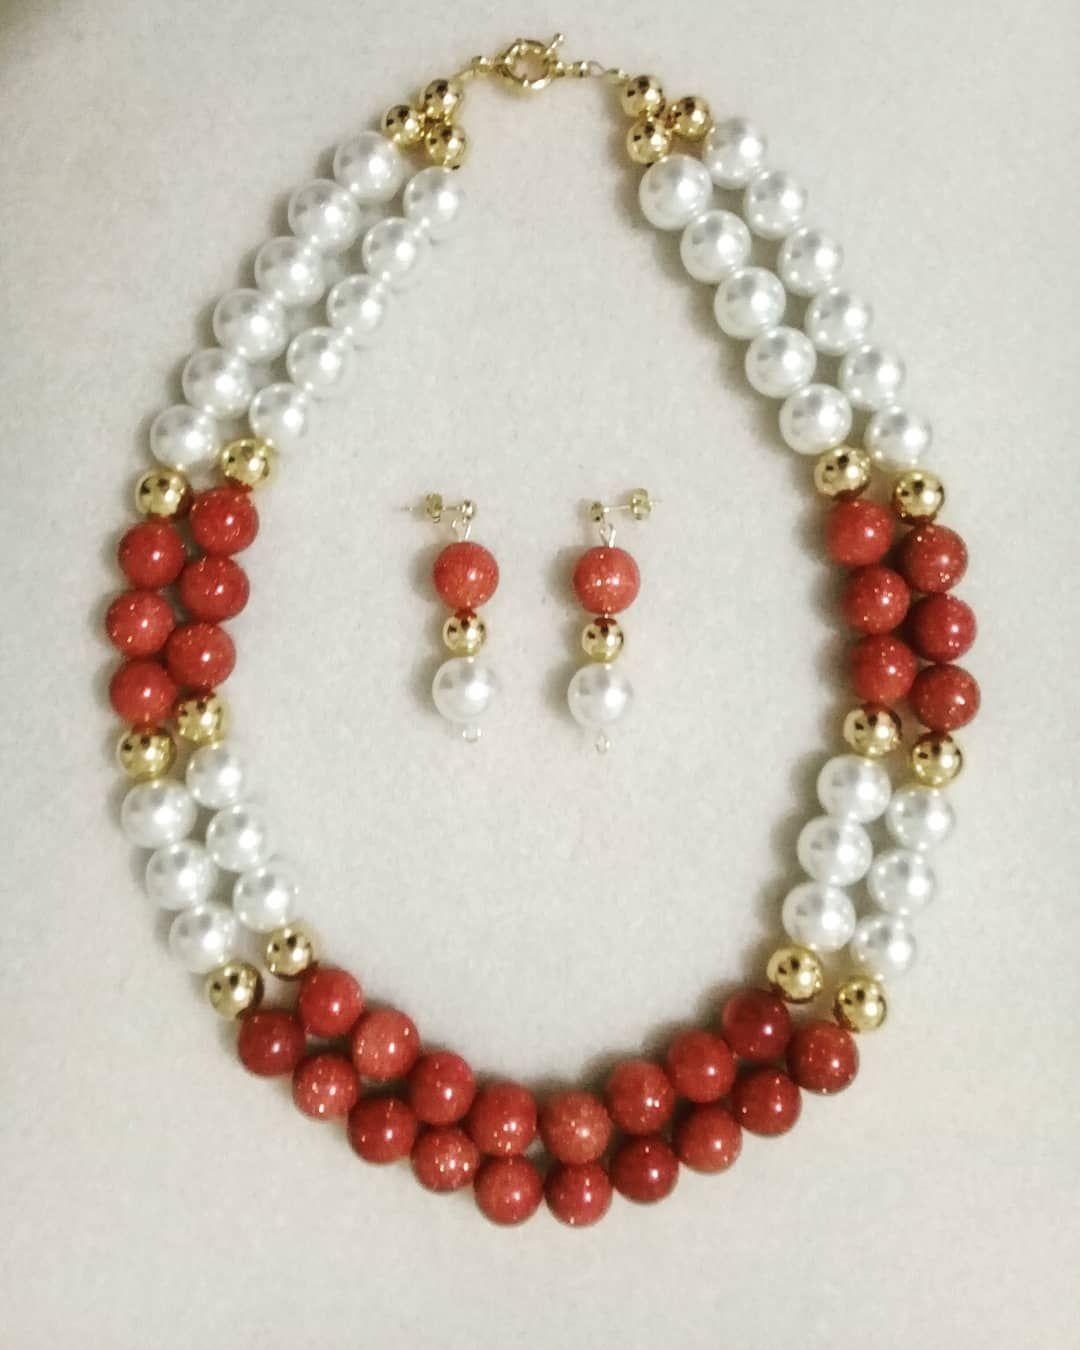 e07da1851be5 collar  aretes  perla  crema  lluviadeoro  bolagolfi  moda  belleza ...